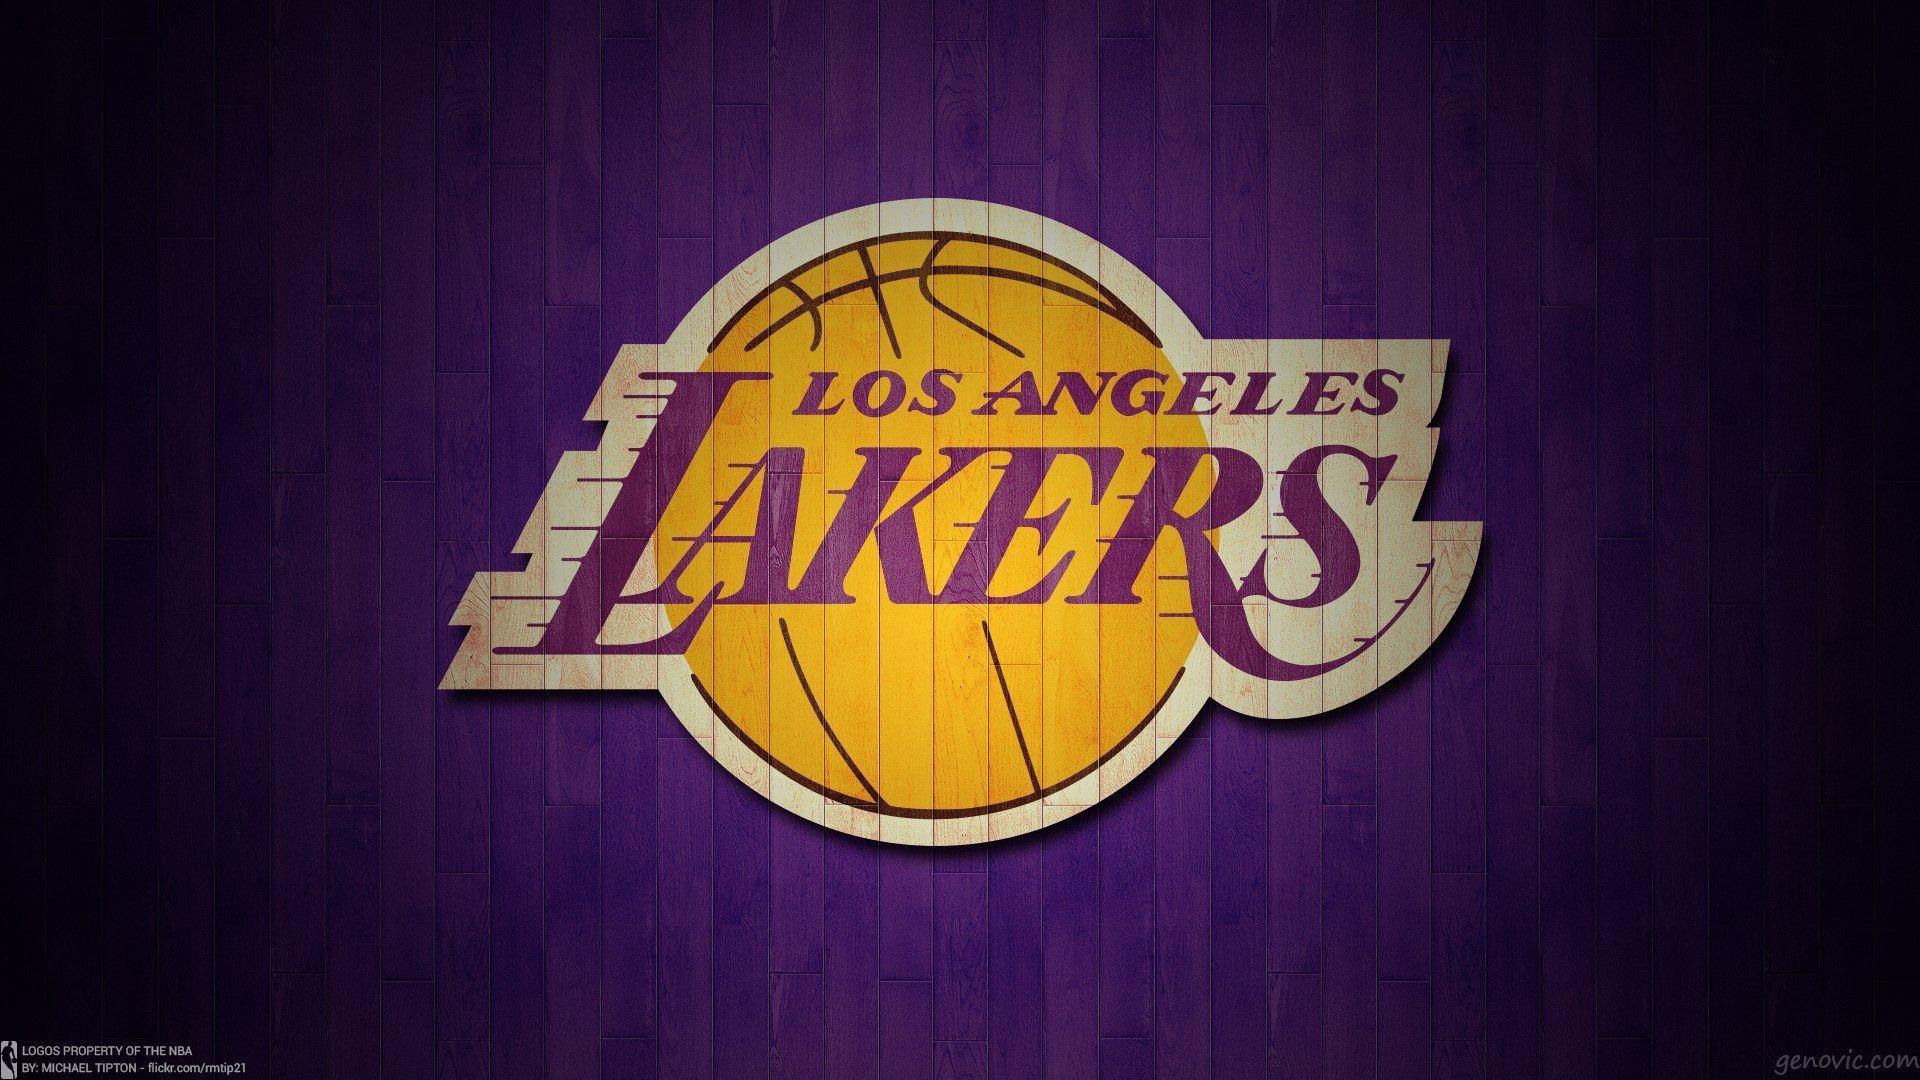 Lakers Wallpaper Macbook Lakers wallpaper, Nba